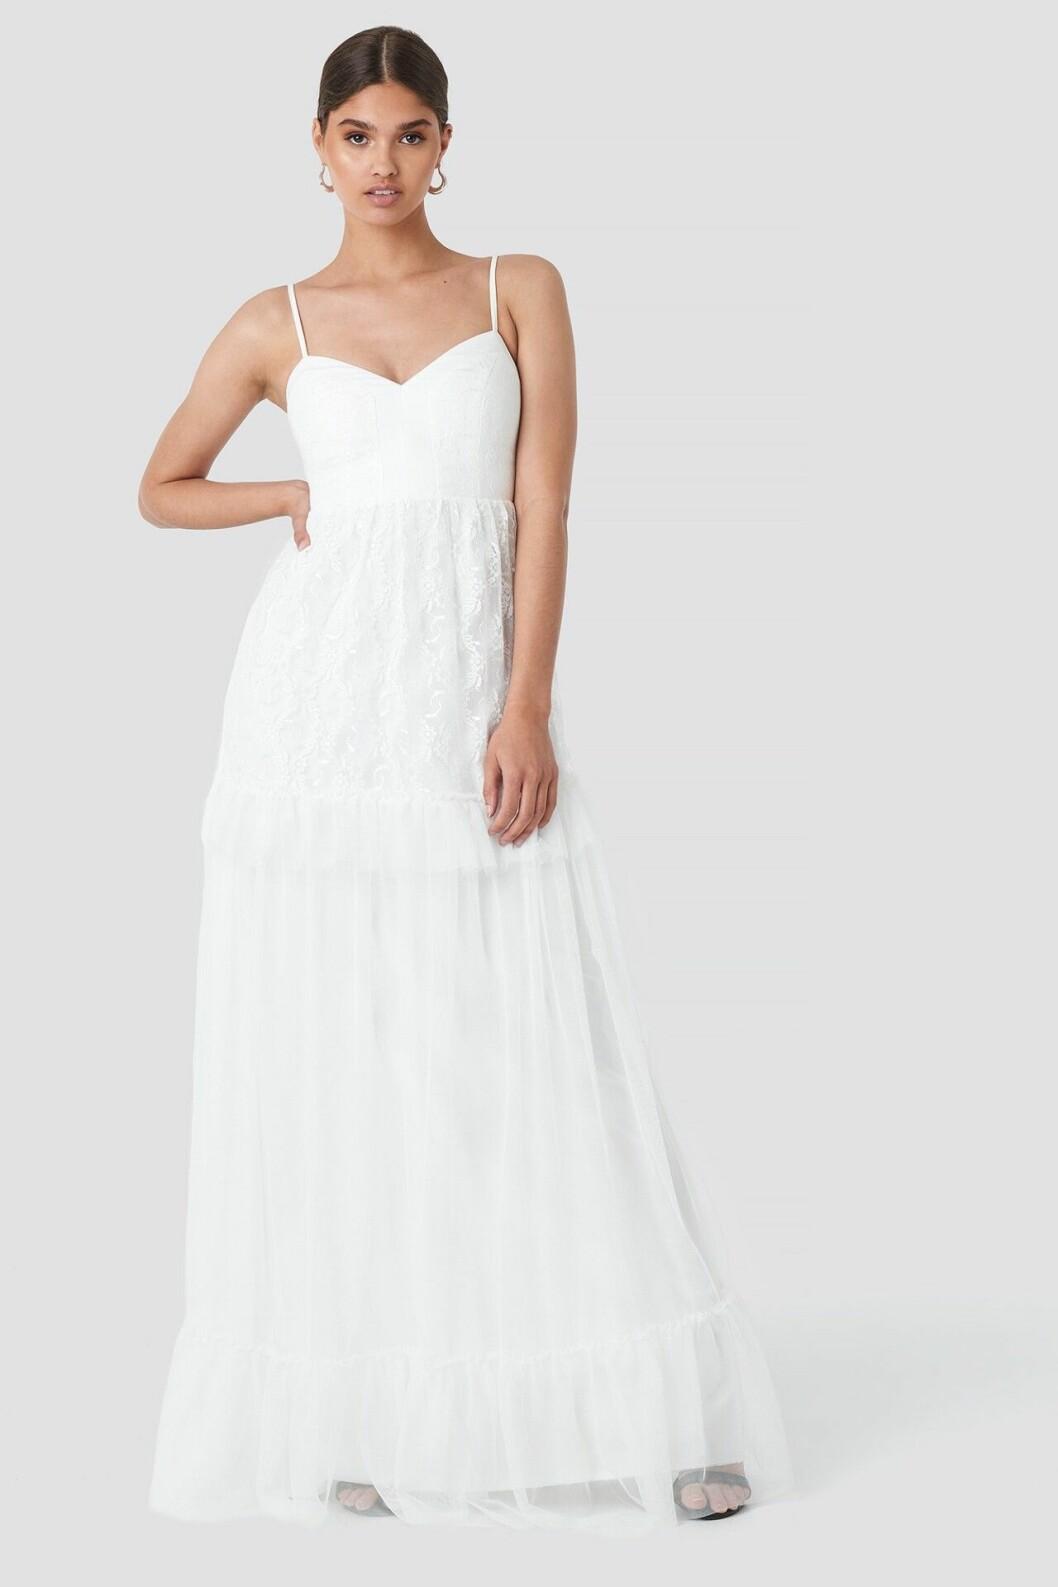 Vit billig brudklänning med spets och tyll till 2020